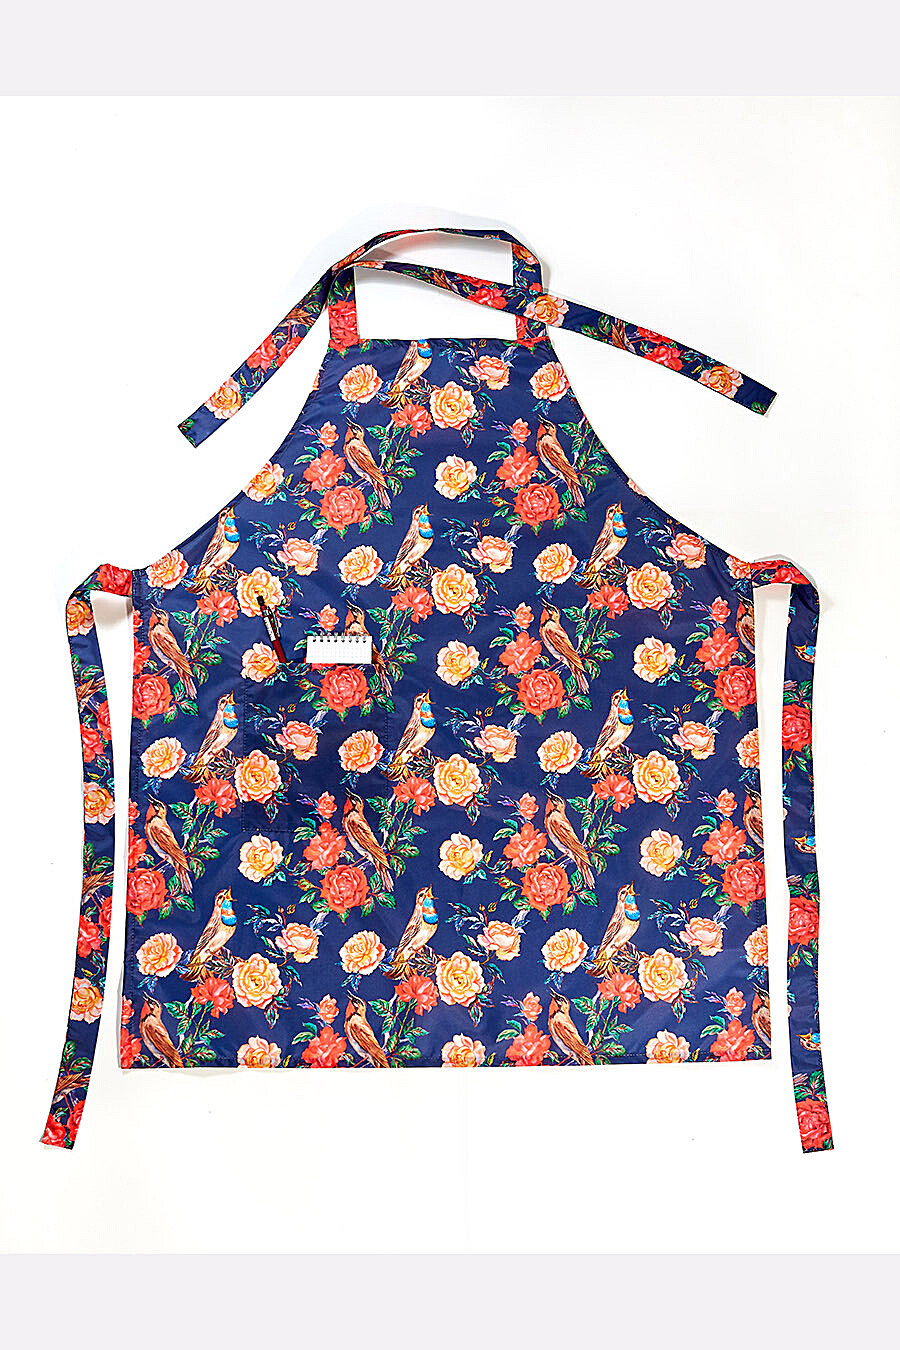 Фартук фигурный для дома ART HOME TEXTILE 121874 купить оптом от производителя. Совместная покупка товаров для дома в OptMoyo